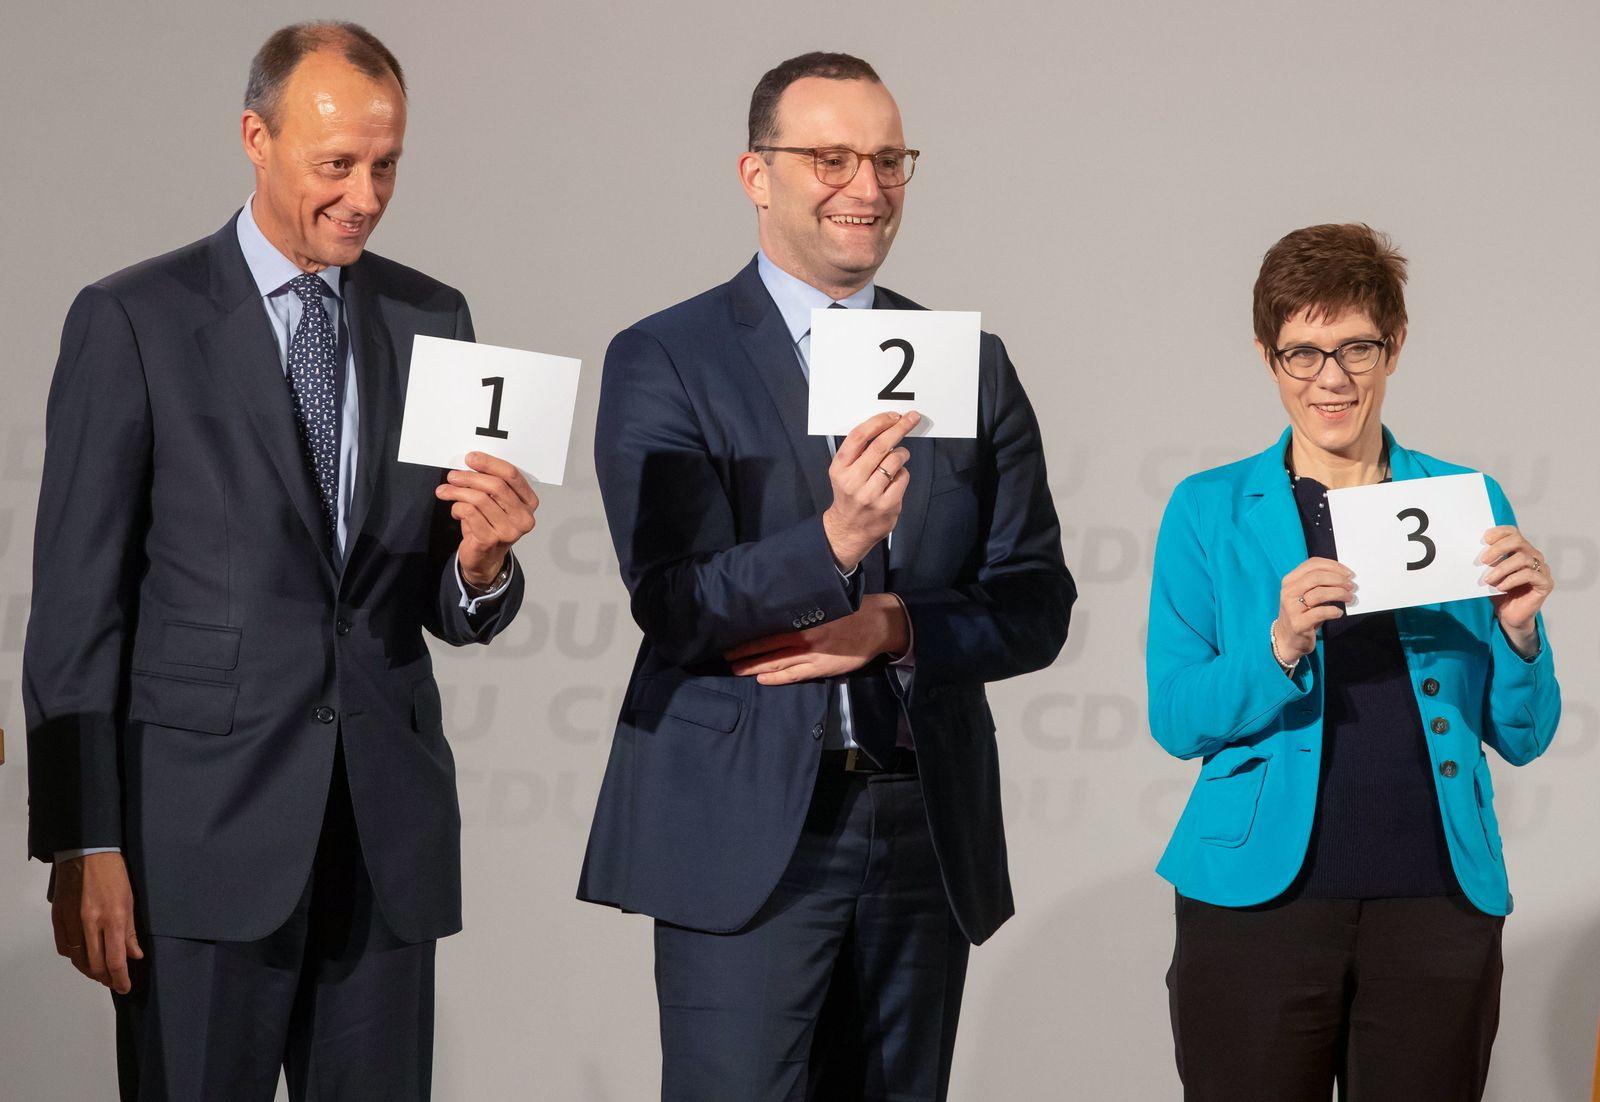 Friedrich Merz / Jens Spahn / Annegret Kramp-Karrenbauer